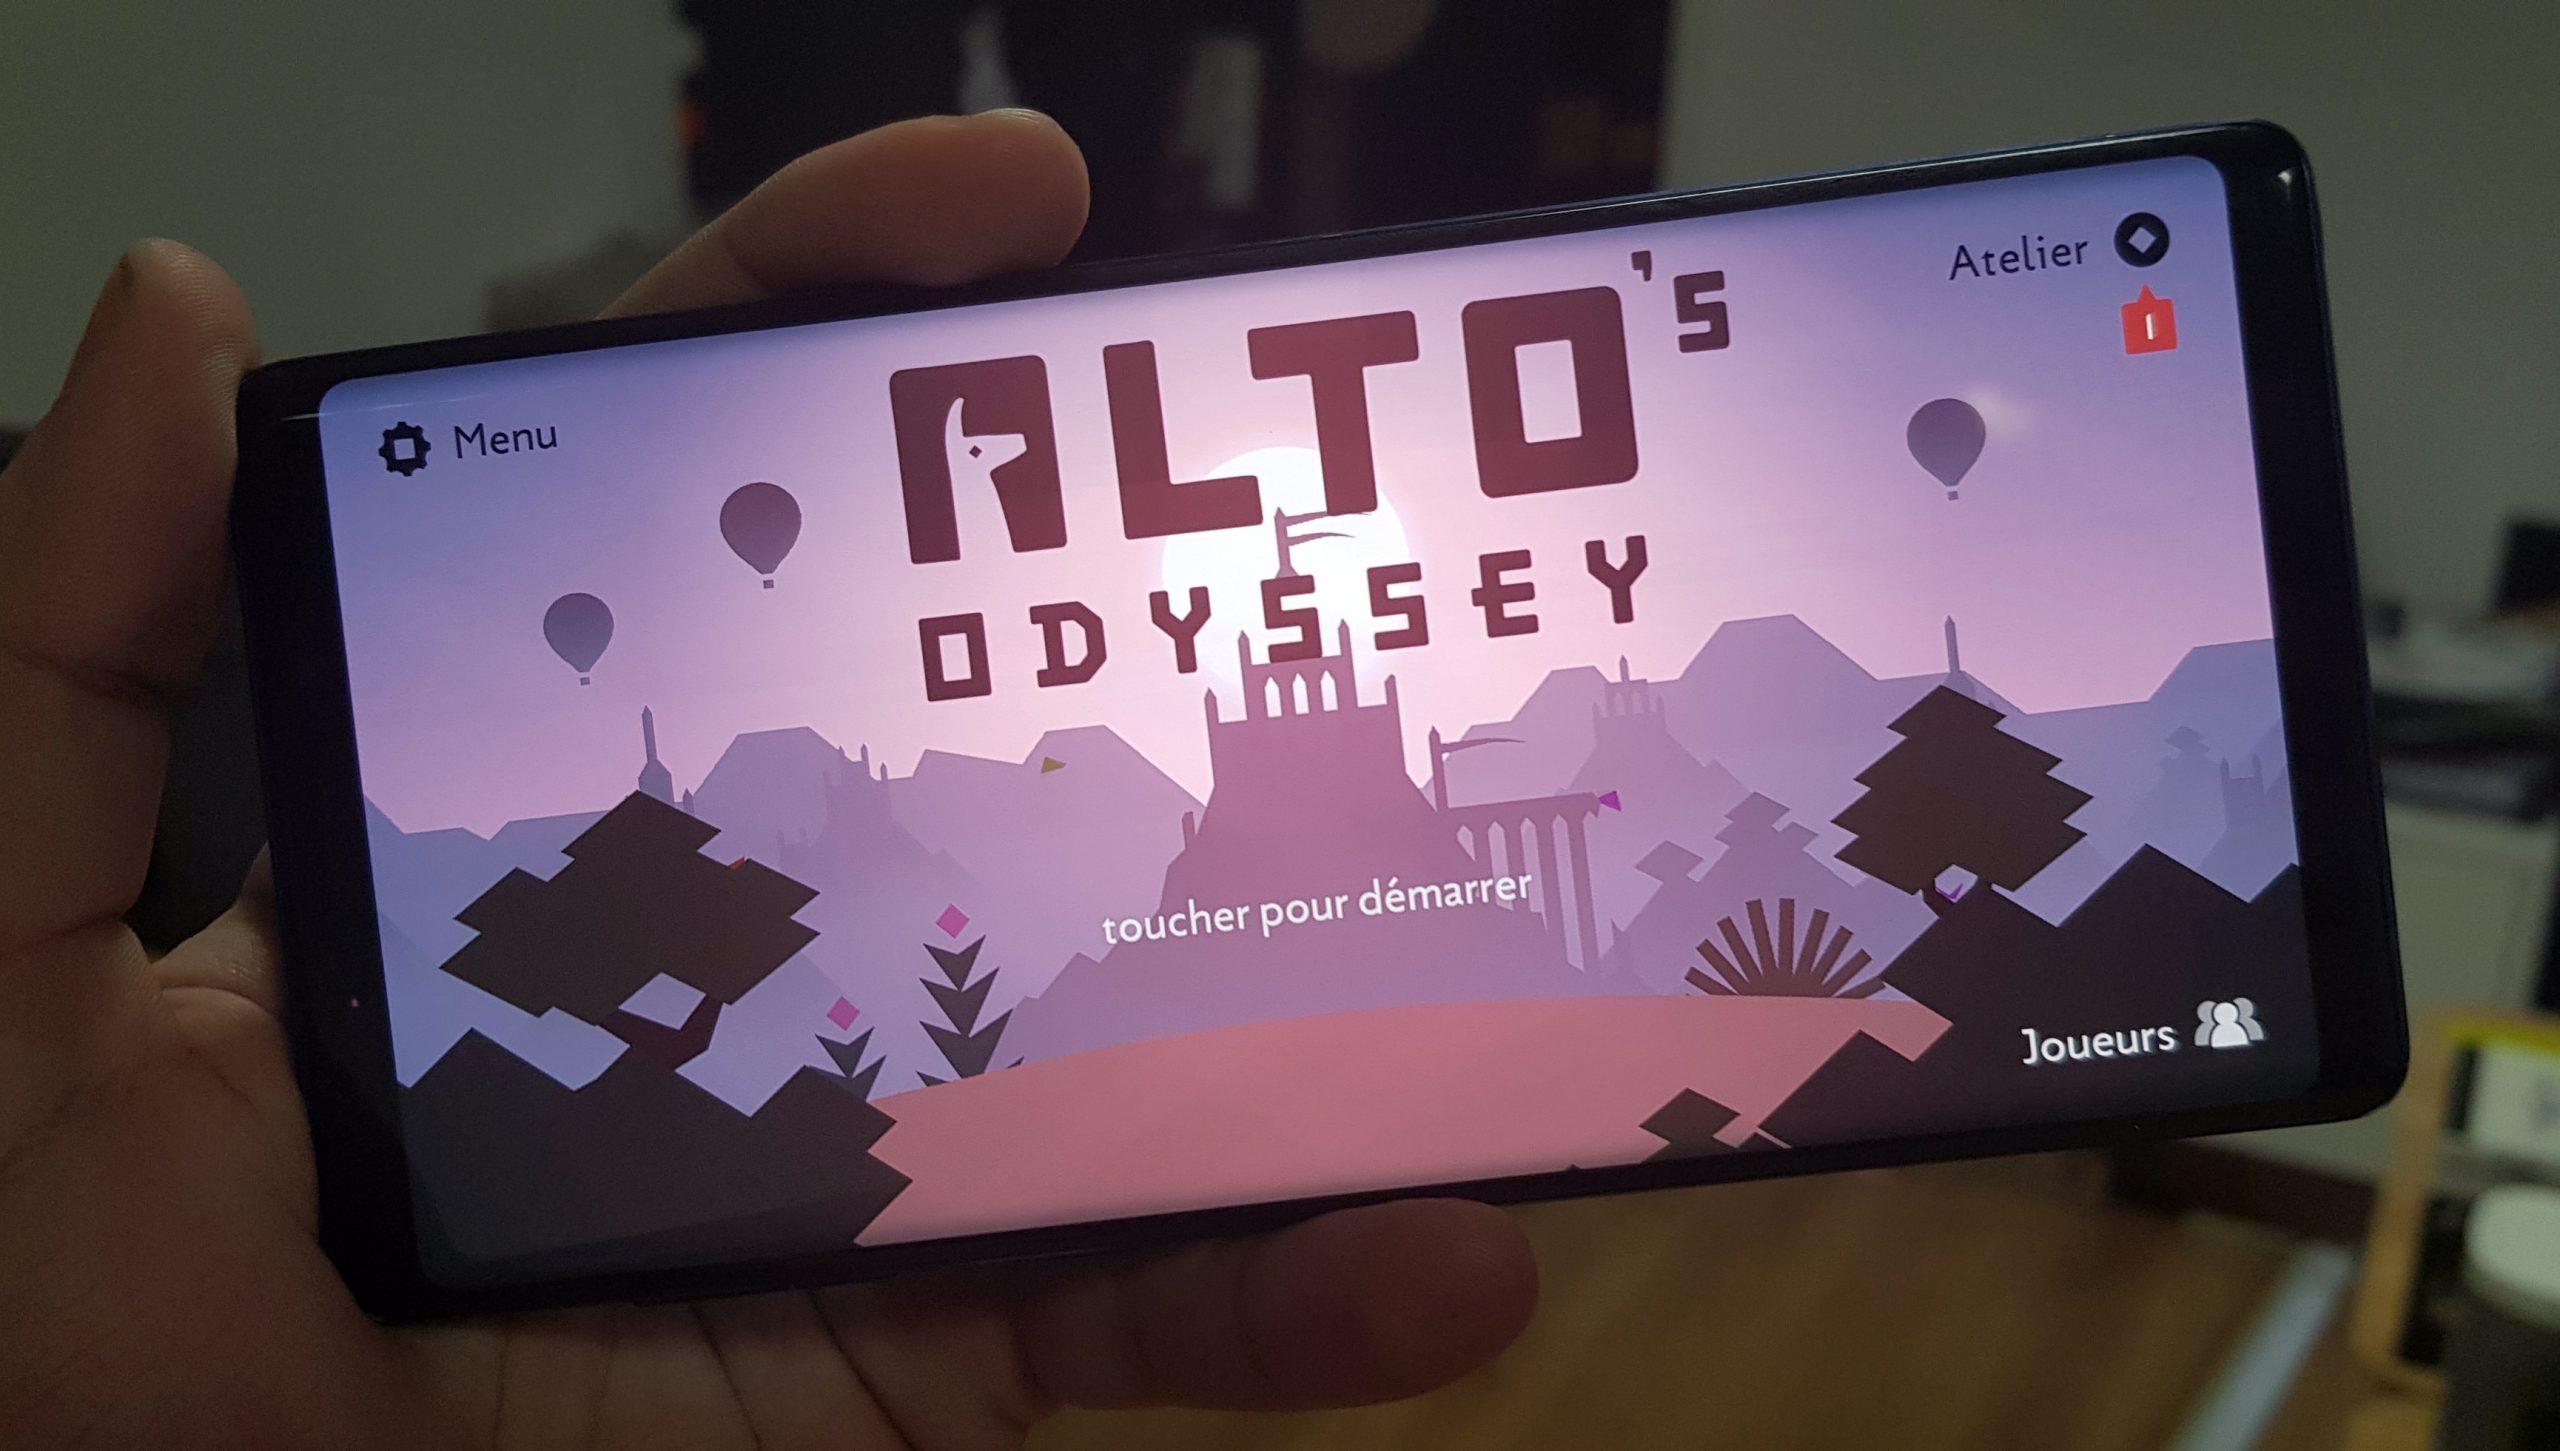 Les Meilleurs Jeux Sans Connexion Sur Android Et Ios En 2020 avec Jeux De Mots En Ligne Gratuit